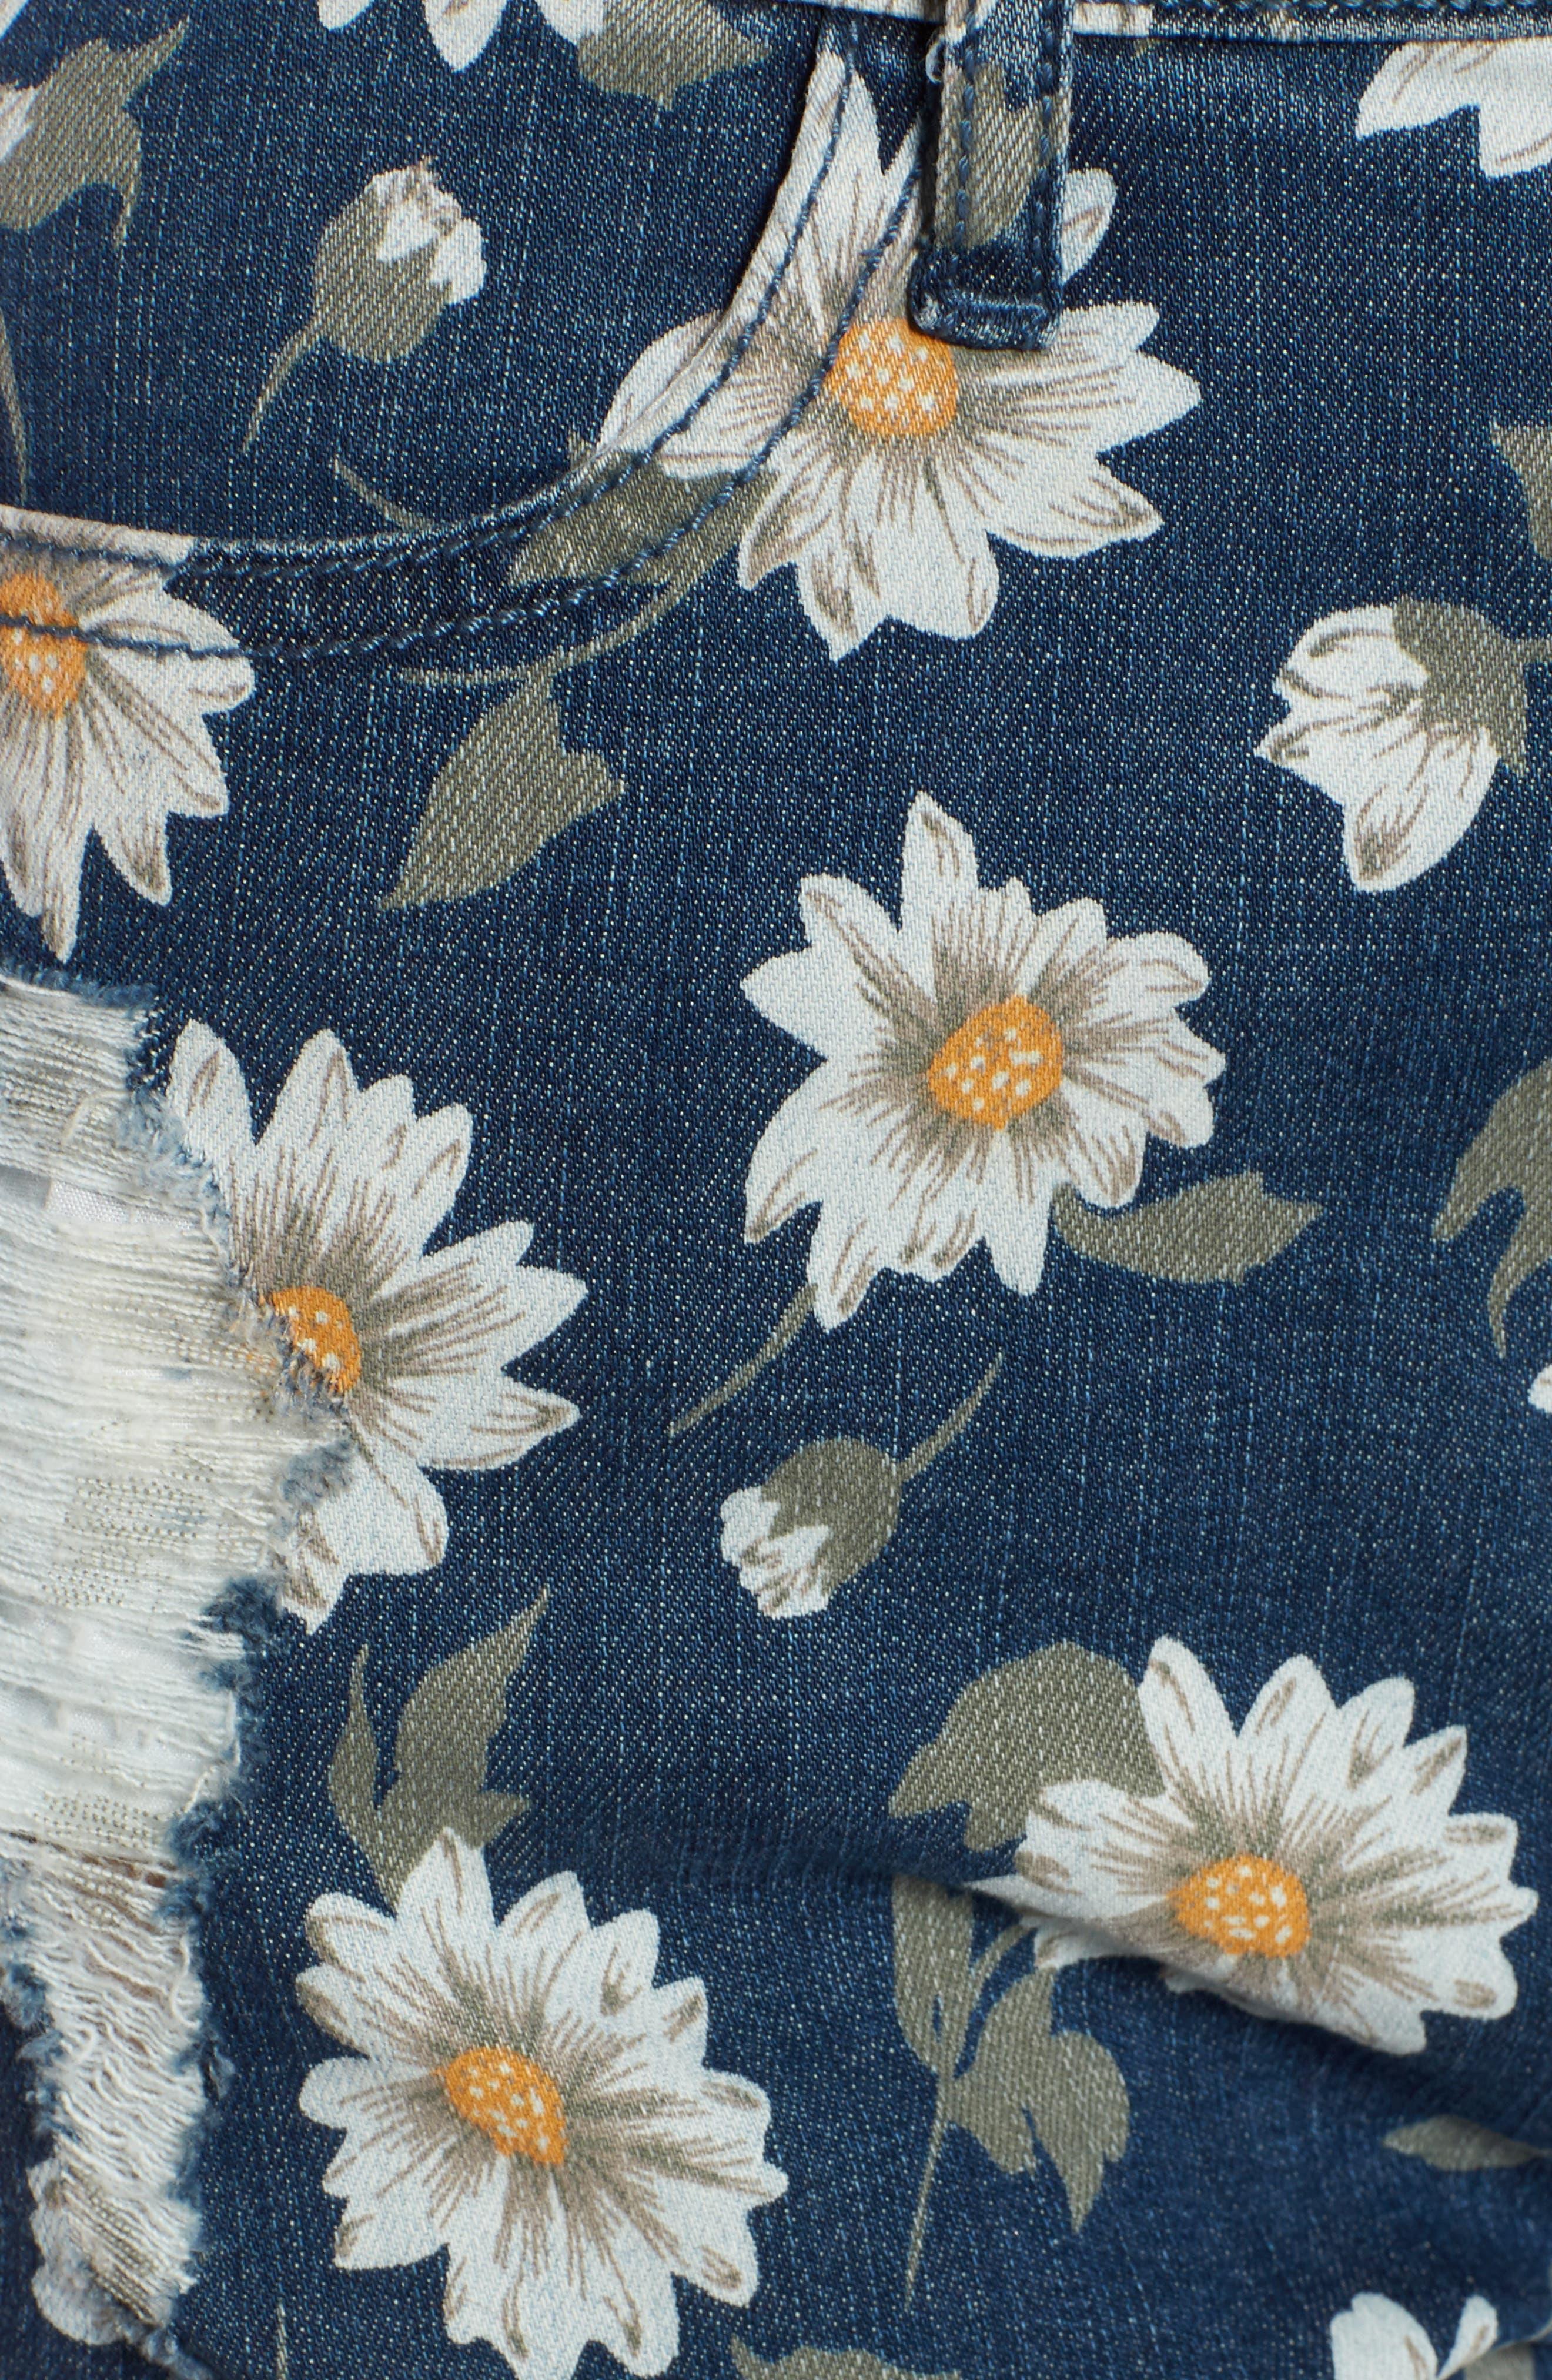 Toledo High Waist Cutoff Denim Shorts,                             Alternate thumbnail 6, color,                             Daisy Duke Denim